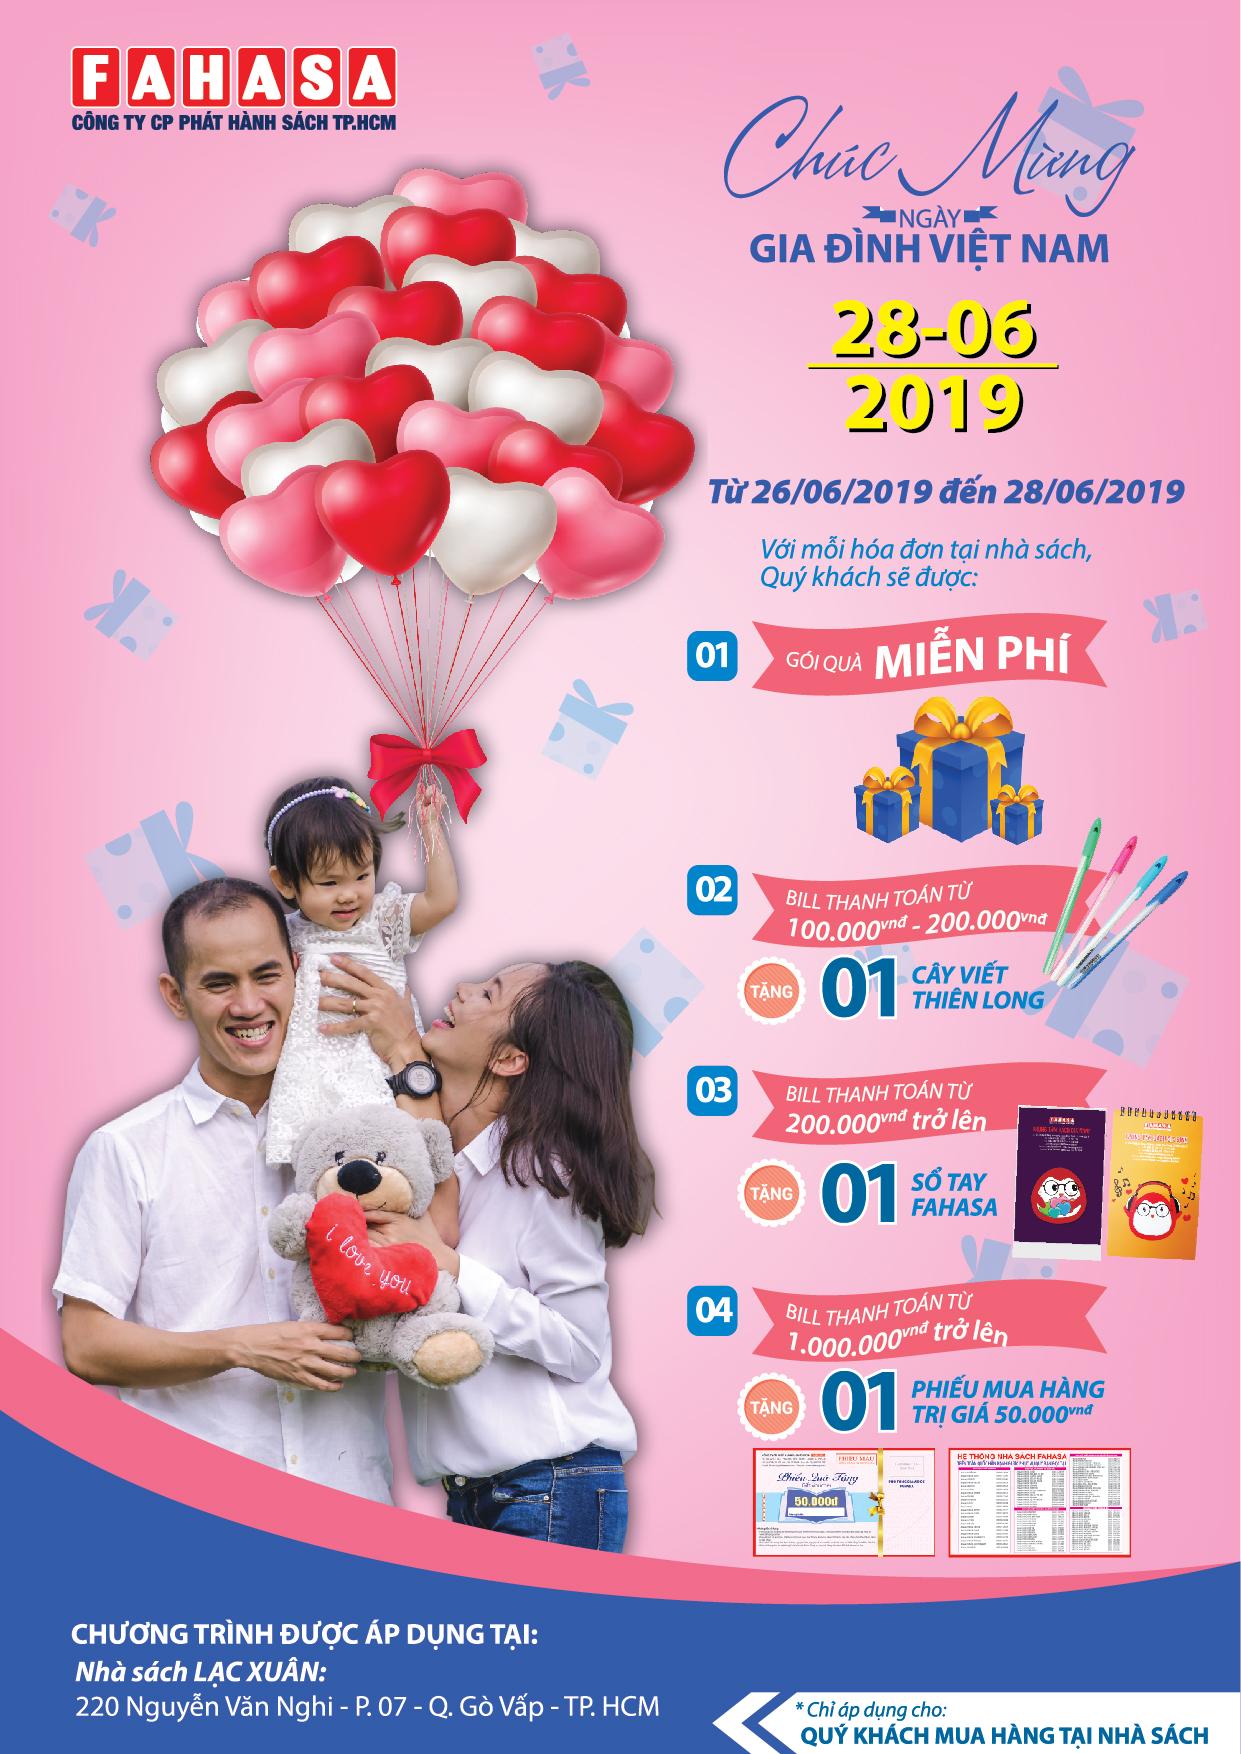 Poster Chuc mung ngay gia dinh viet nam 28-06-2019 - NS Lac Xuan - FA-01